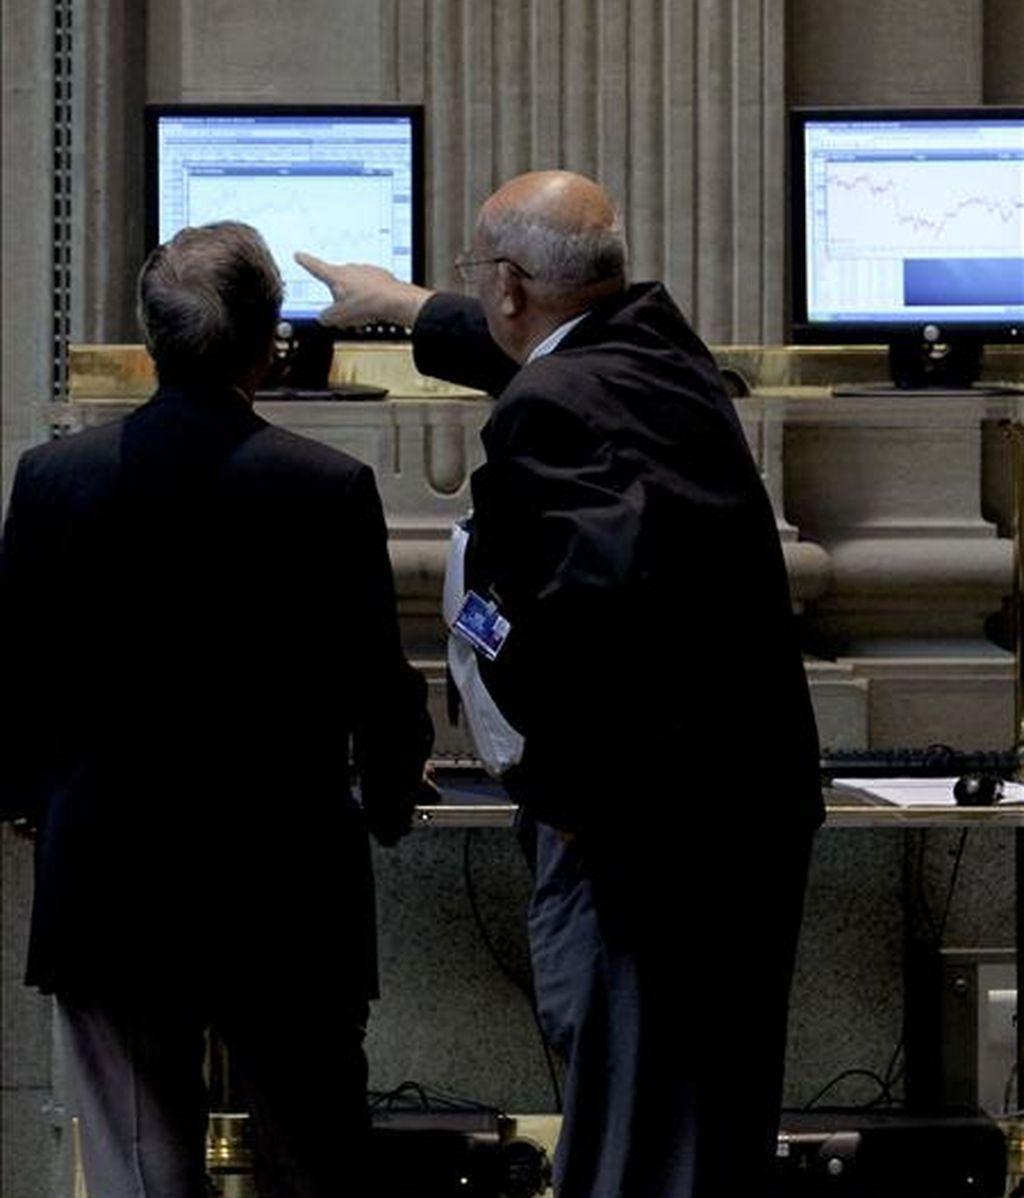 Dos agentes de bolsa siguen las cotizaciones en la Bolsa de Madrid. EFE/Archivo